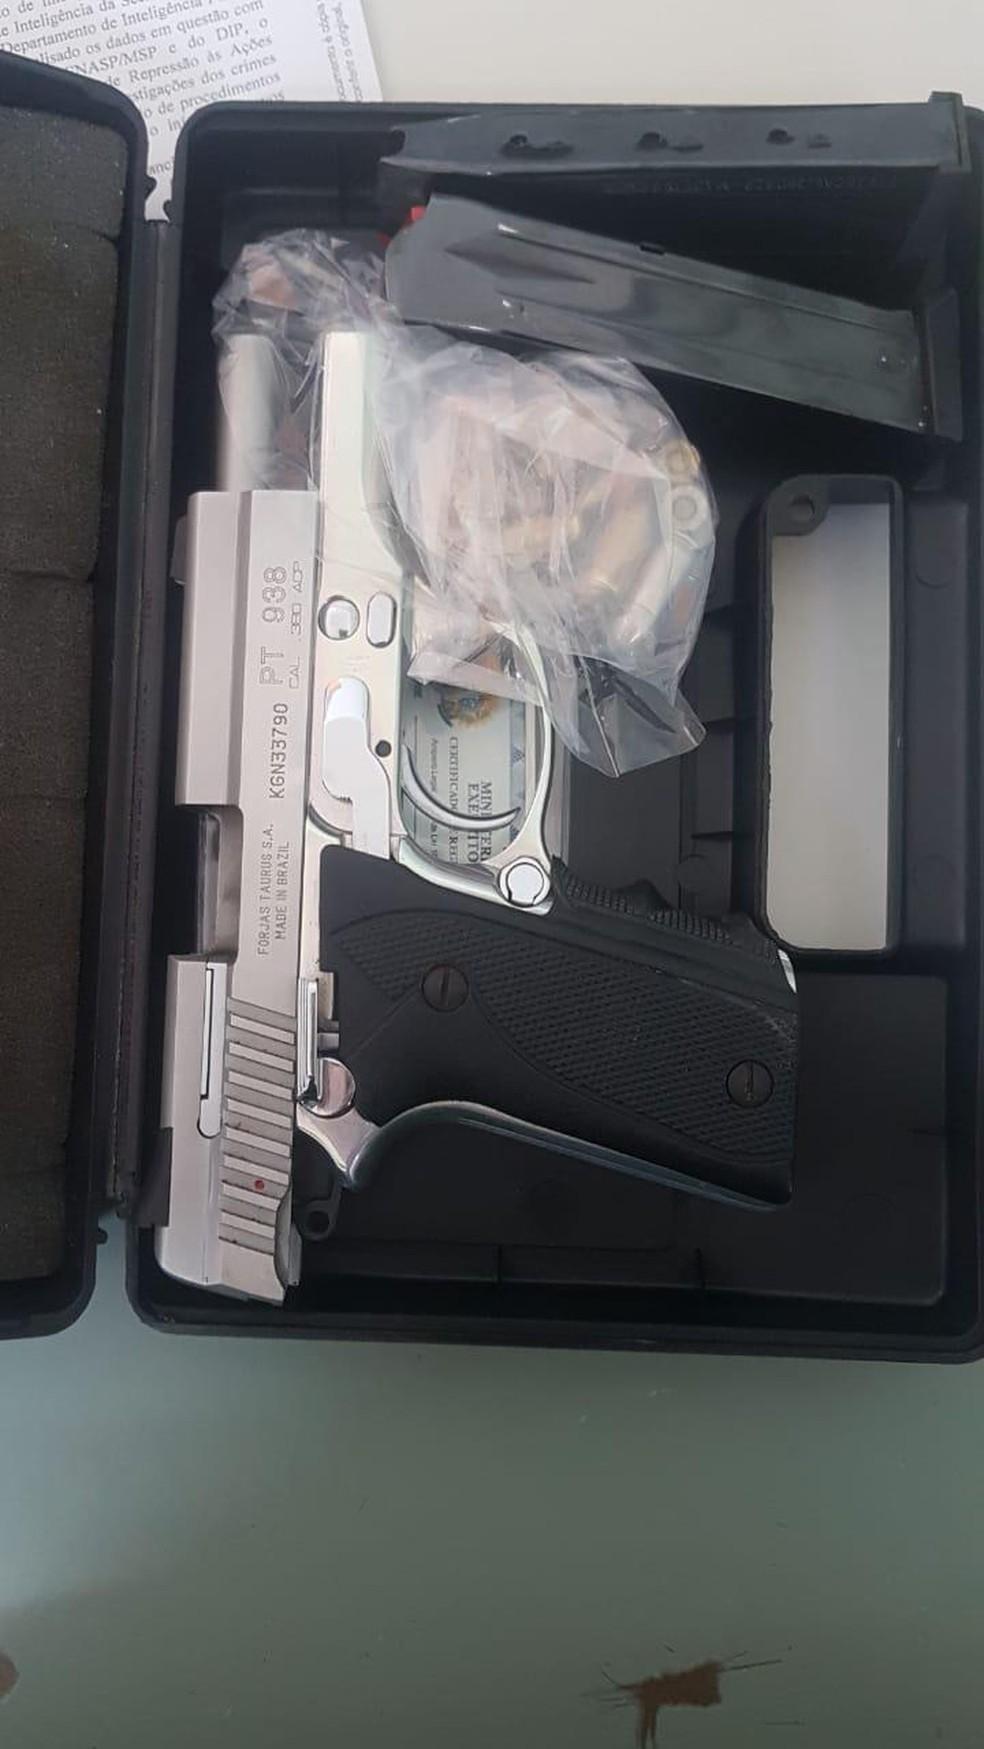 Duas pistolas foram apreendidas — Foto: Reprodução/Polícia Civil do Ceará